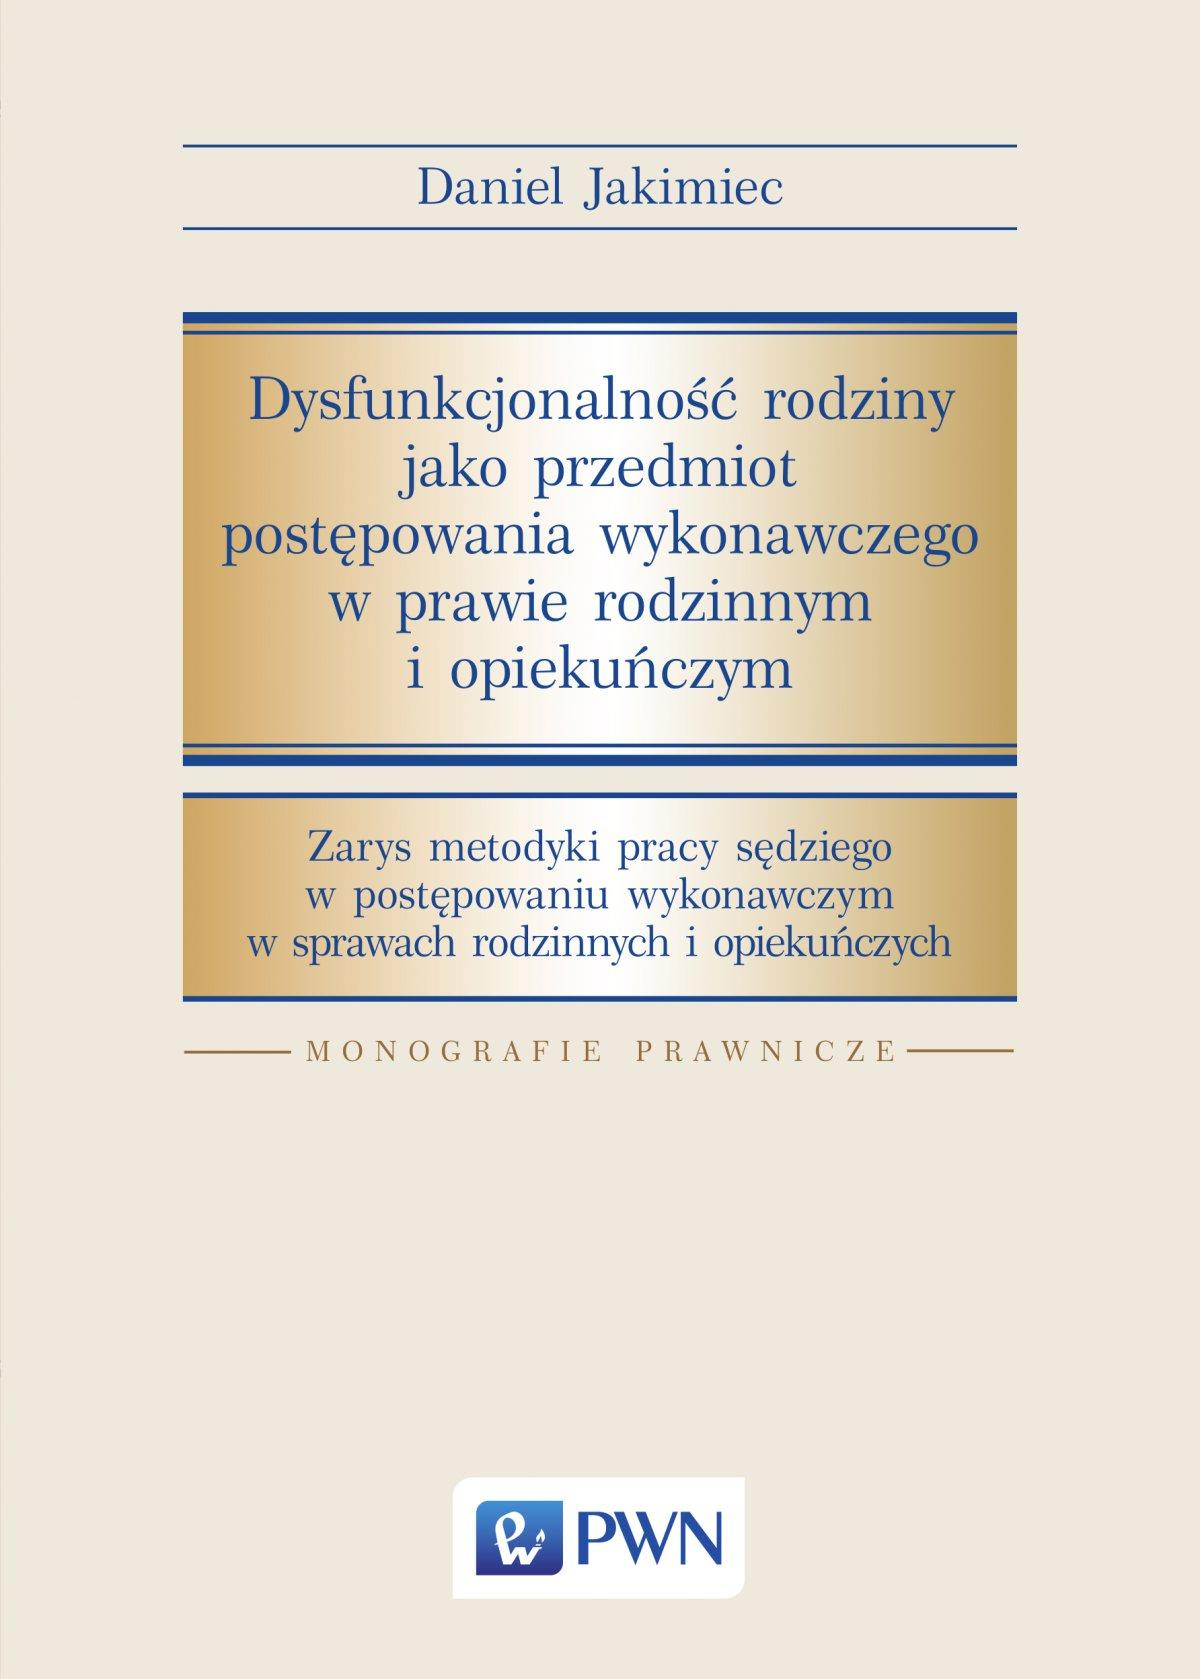 Dysfunkcjonalność rodziny jako przedmiot postępowania wykonawczego w prawie rodzinnym i opiekuńczym - Ebook (Książka EPUB) do pobrania w formacie EPUB